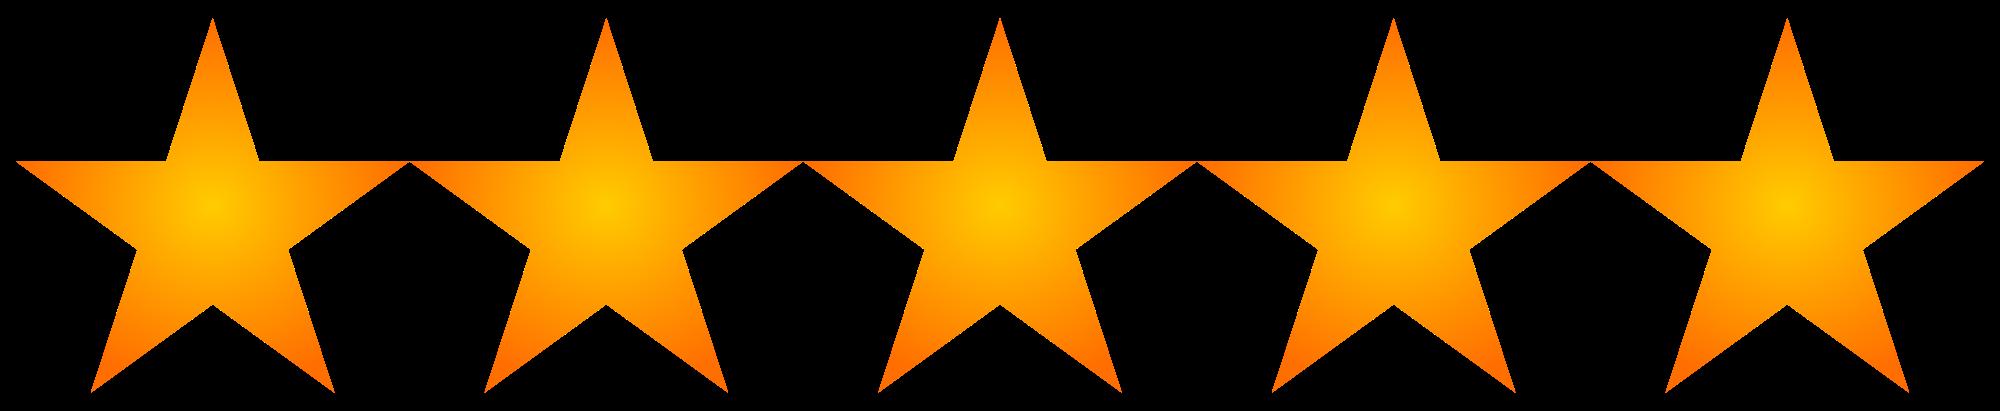 Hog Roast 5 Stars